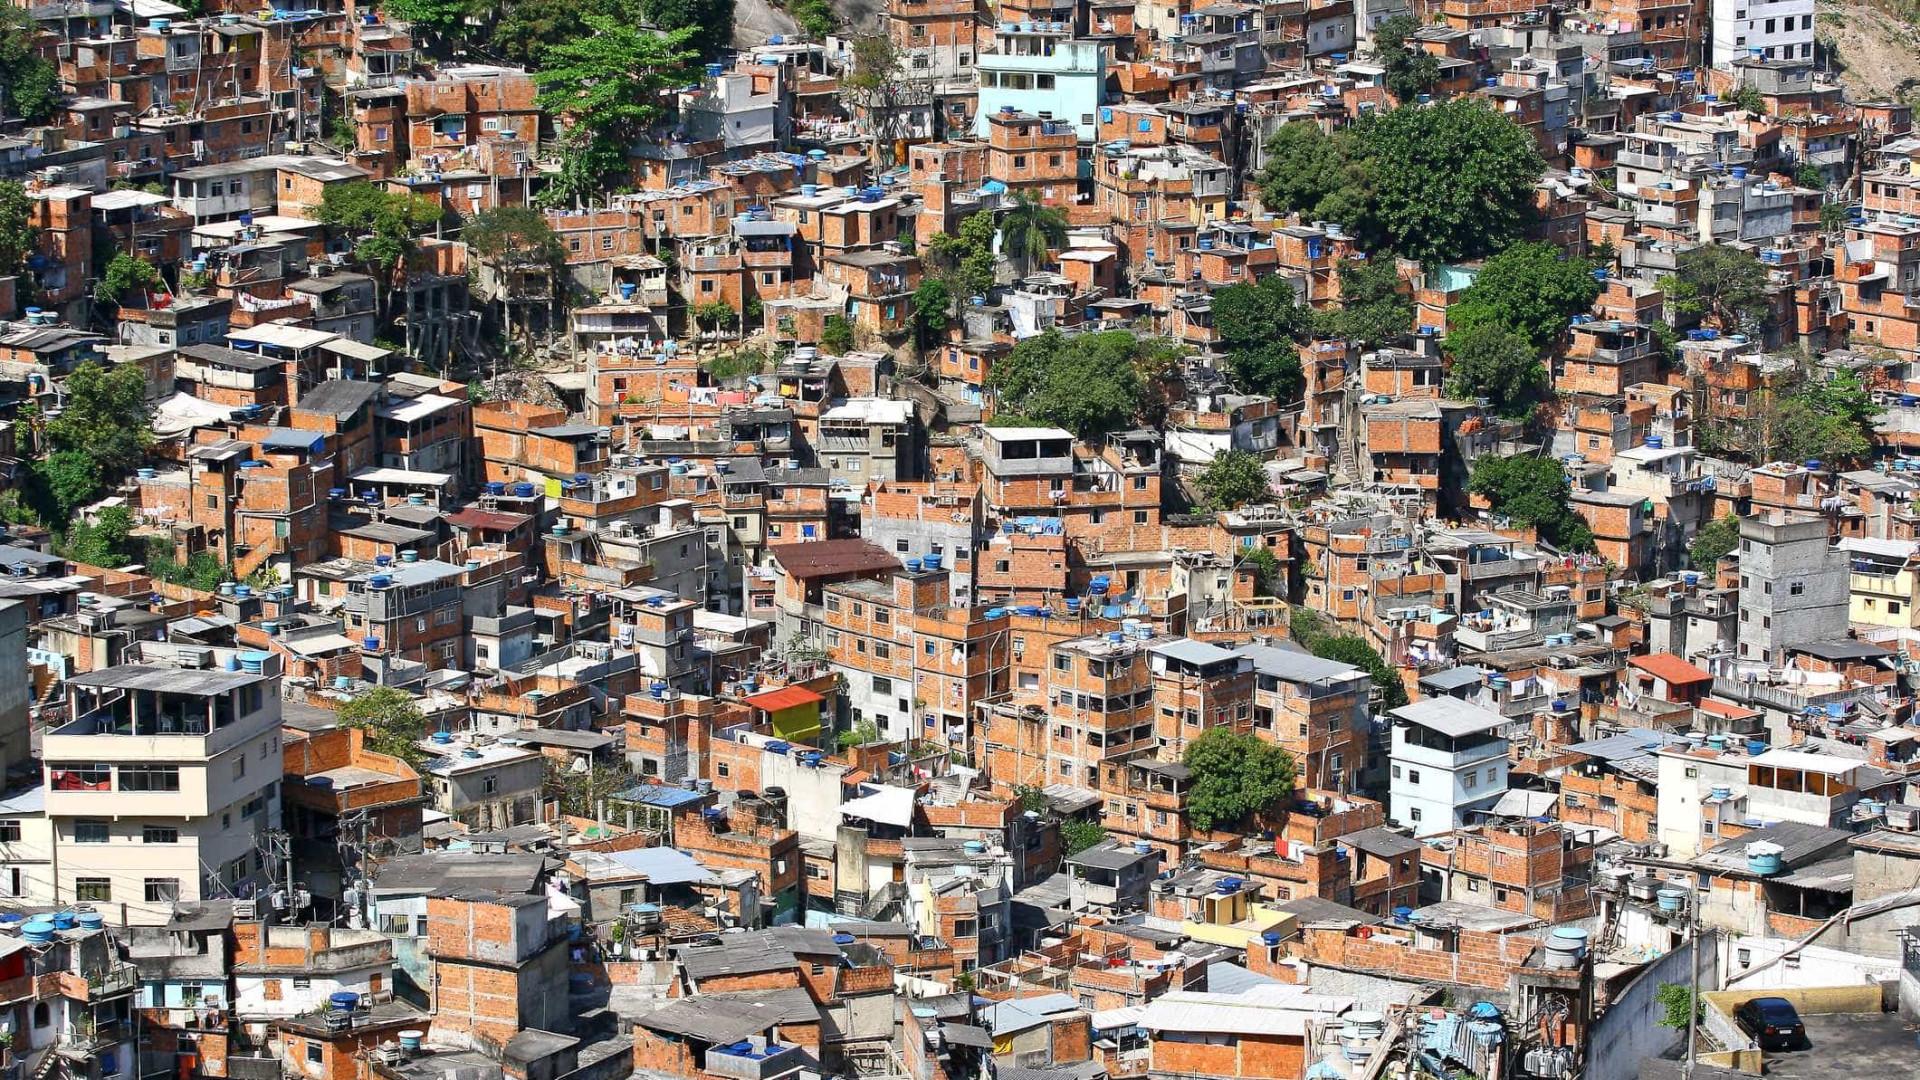 Moradores de favelas relatam desabastecimento e medo de covid-19